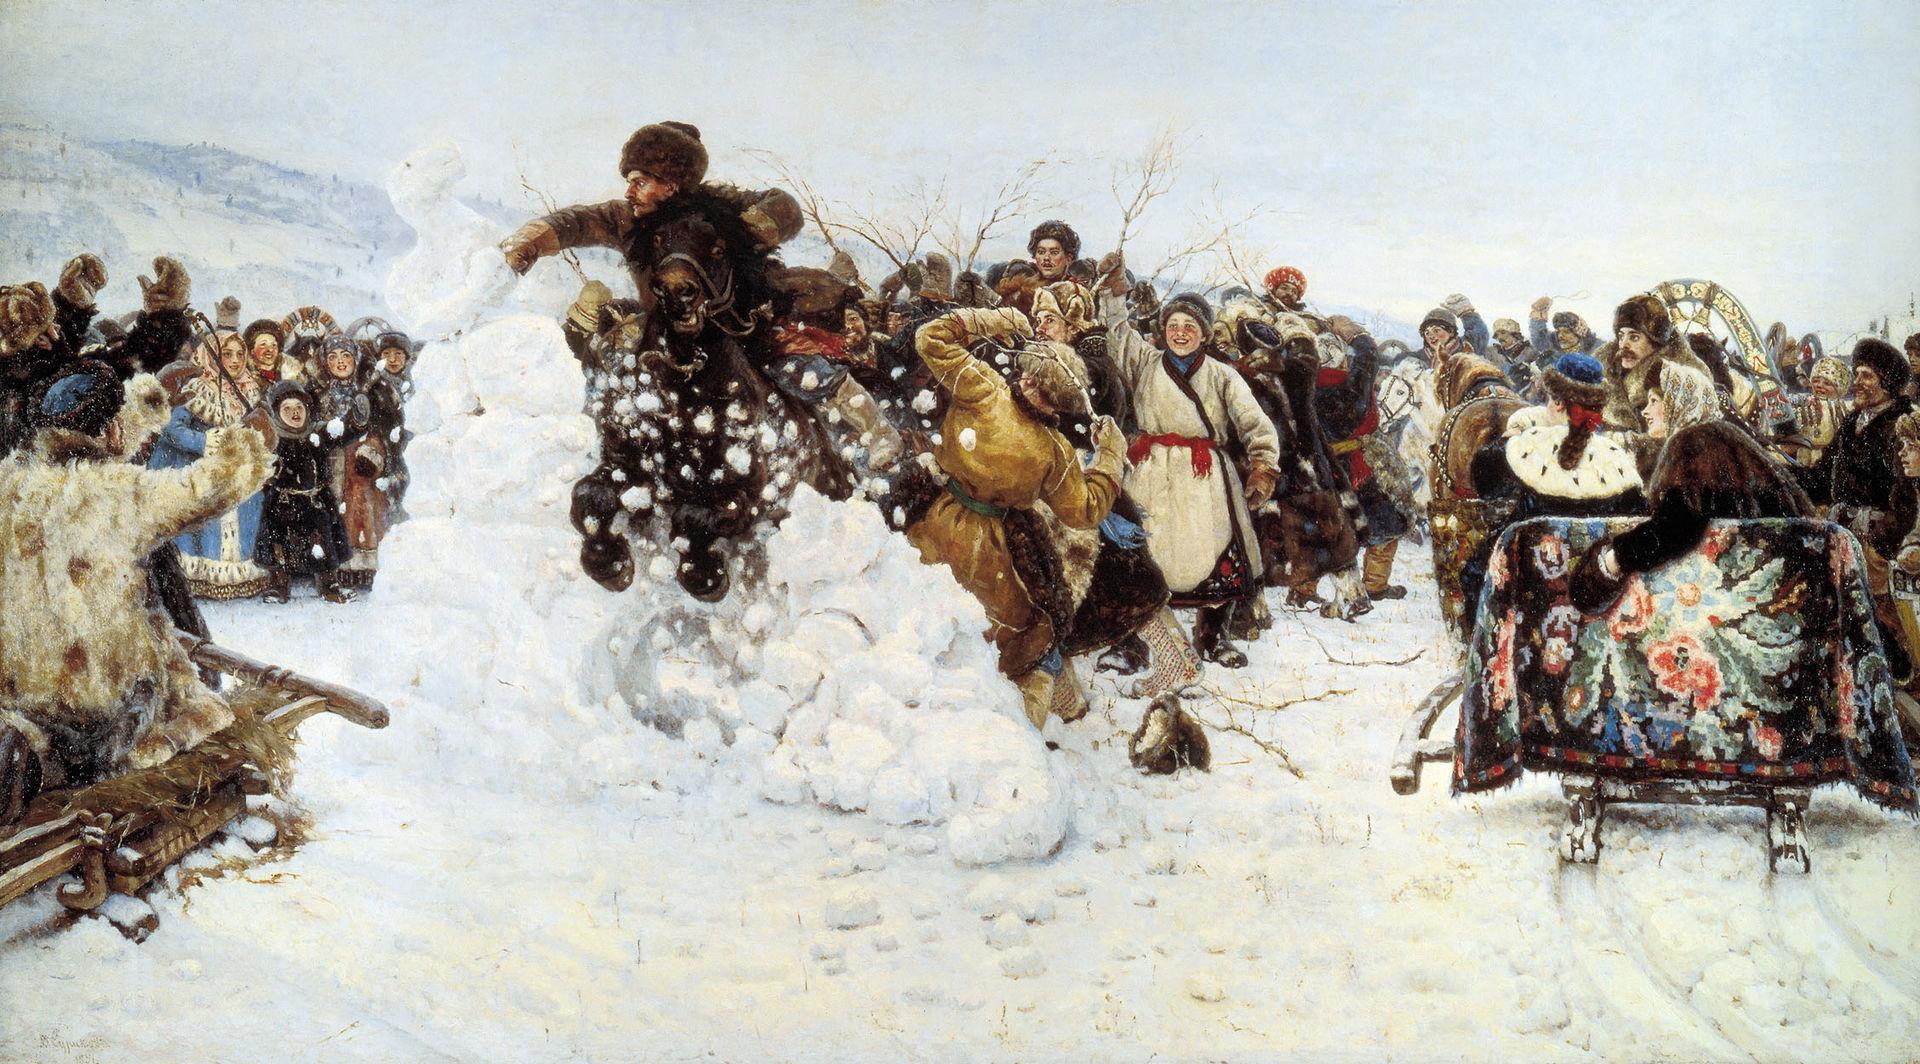 Взятие снежного городка, Суриков, 1891